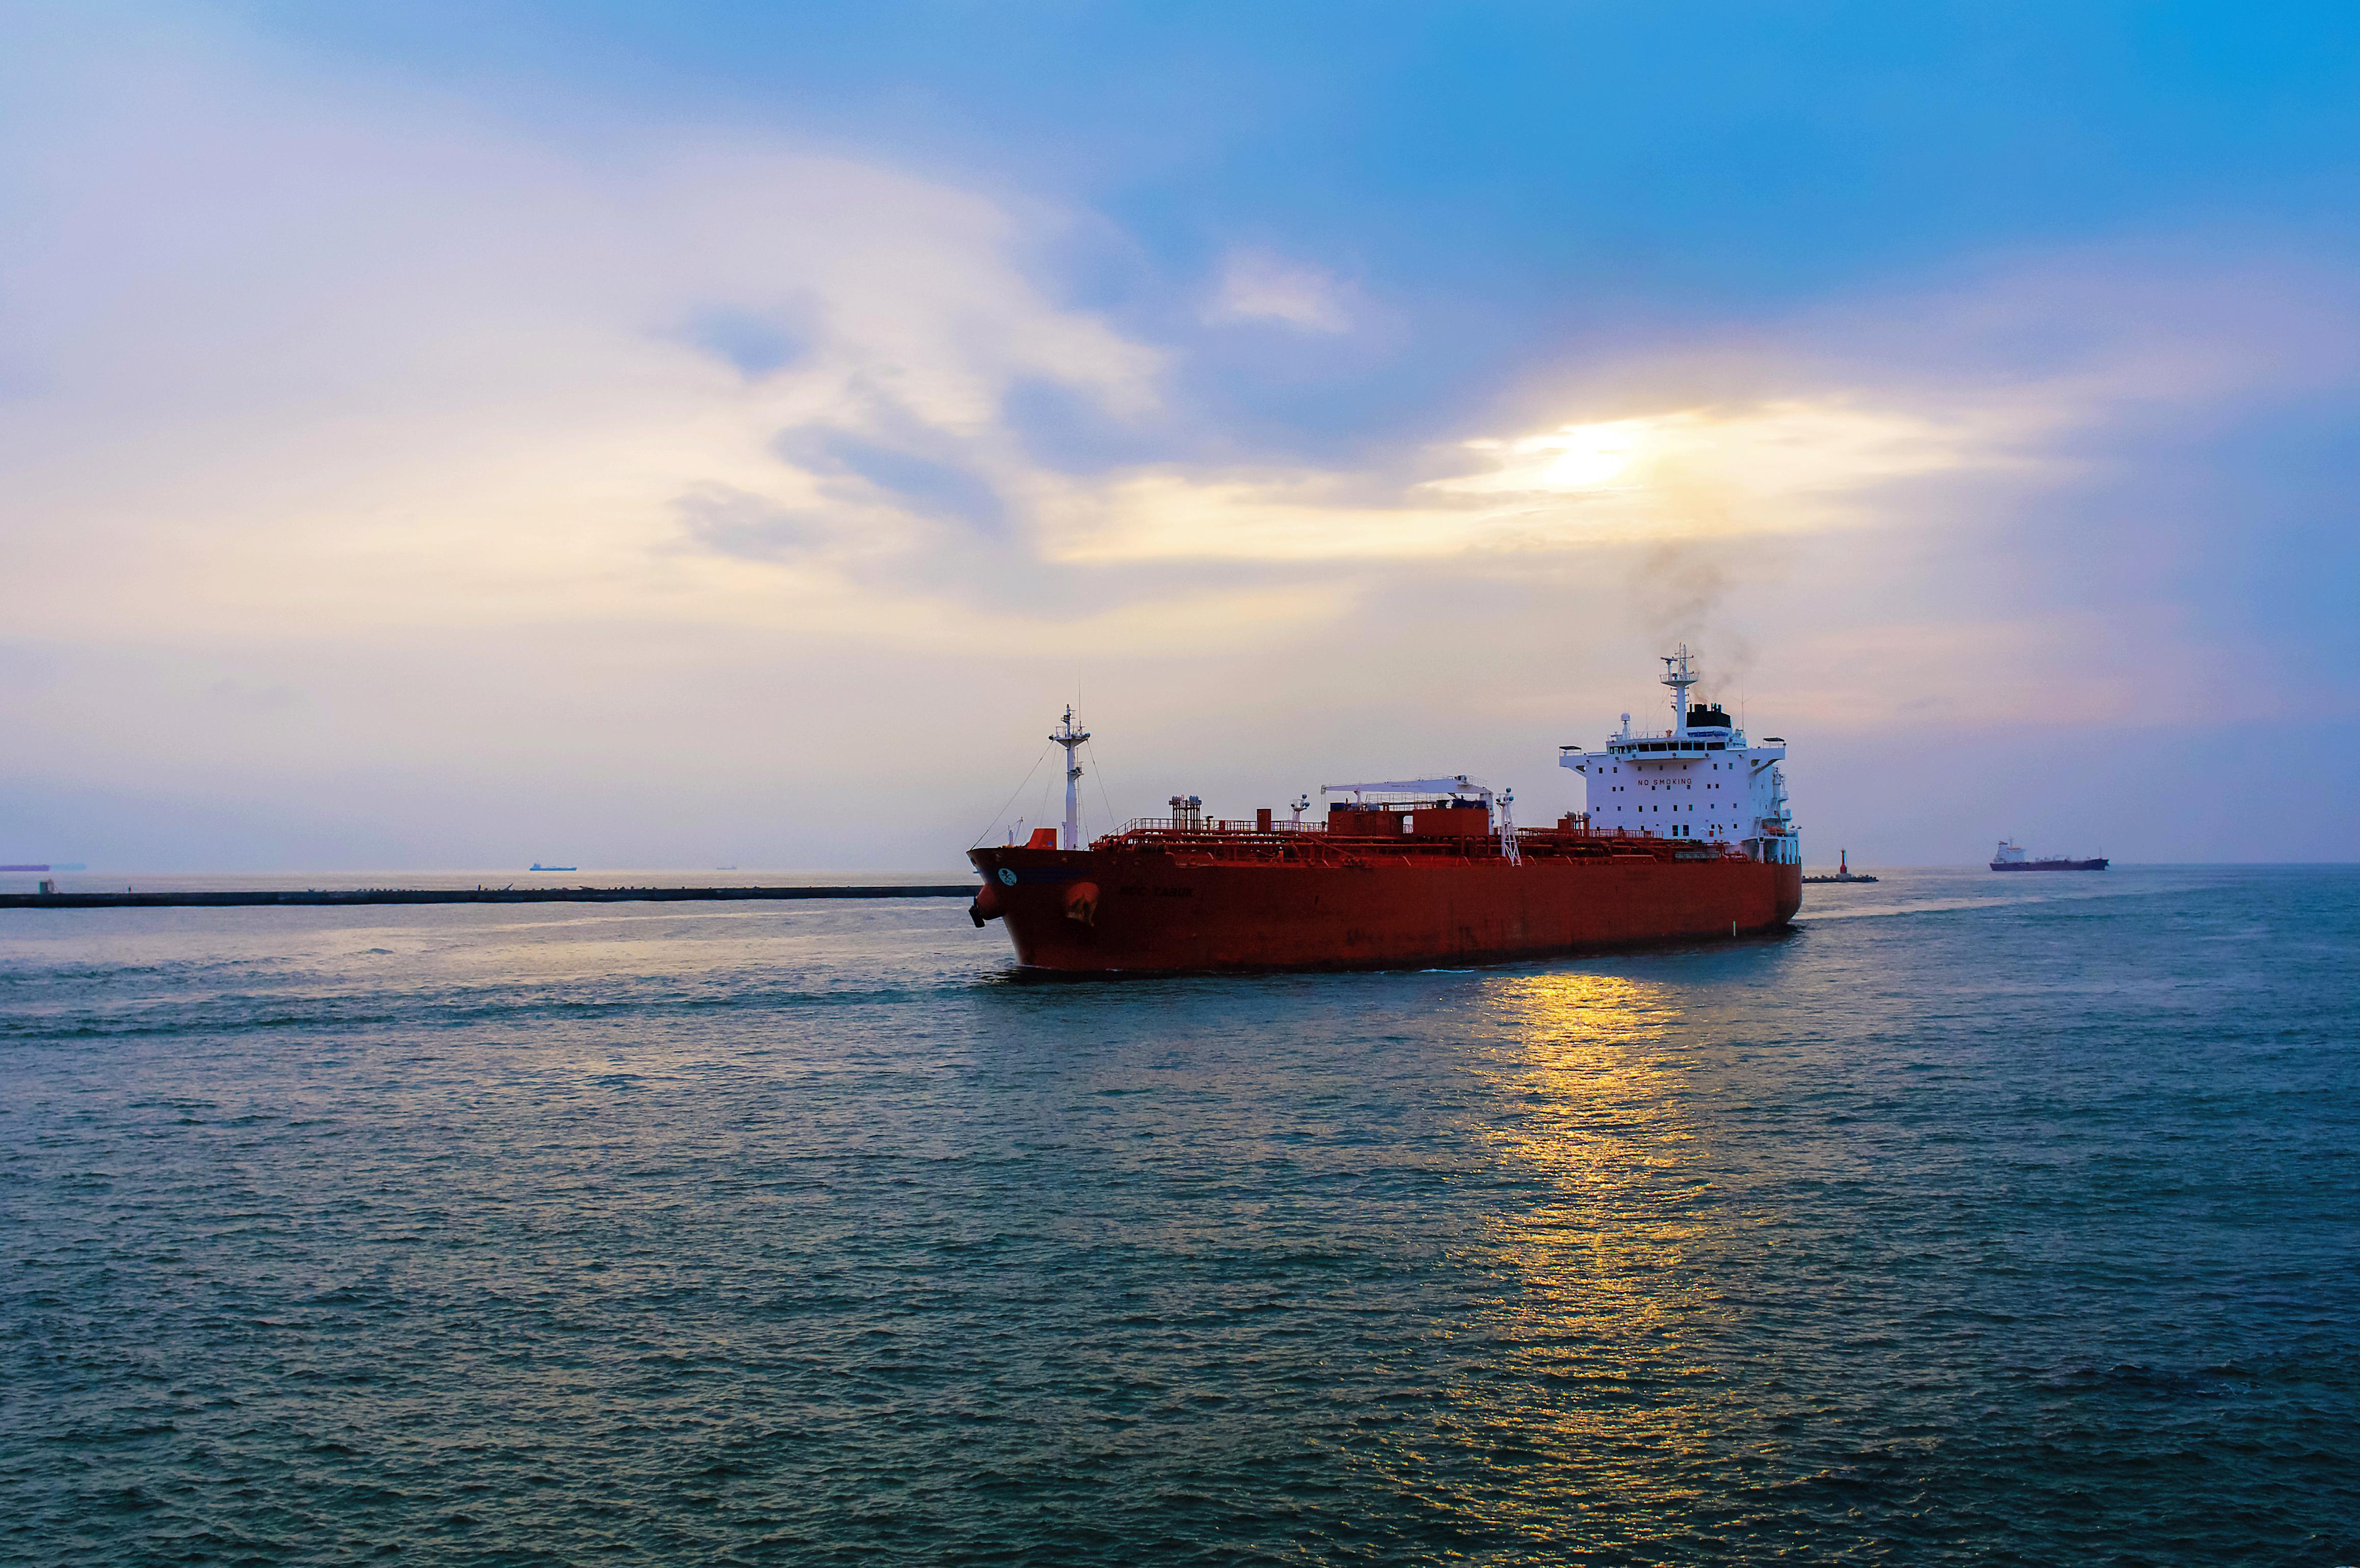 модели прекрасные фото морских судов и кораблей видеосъемка